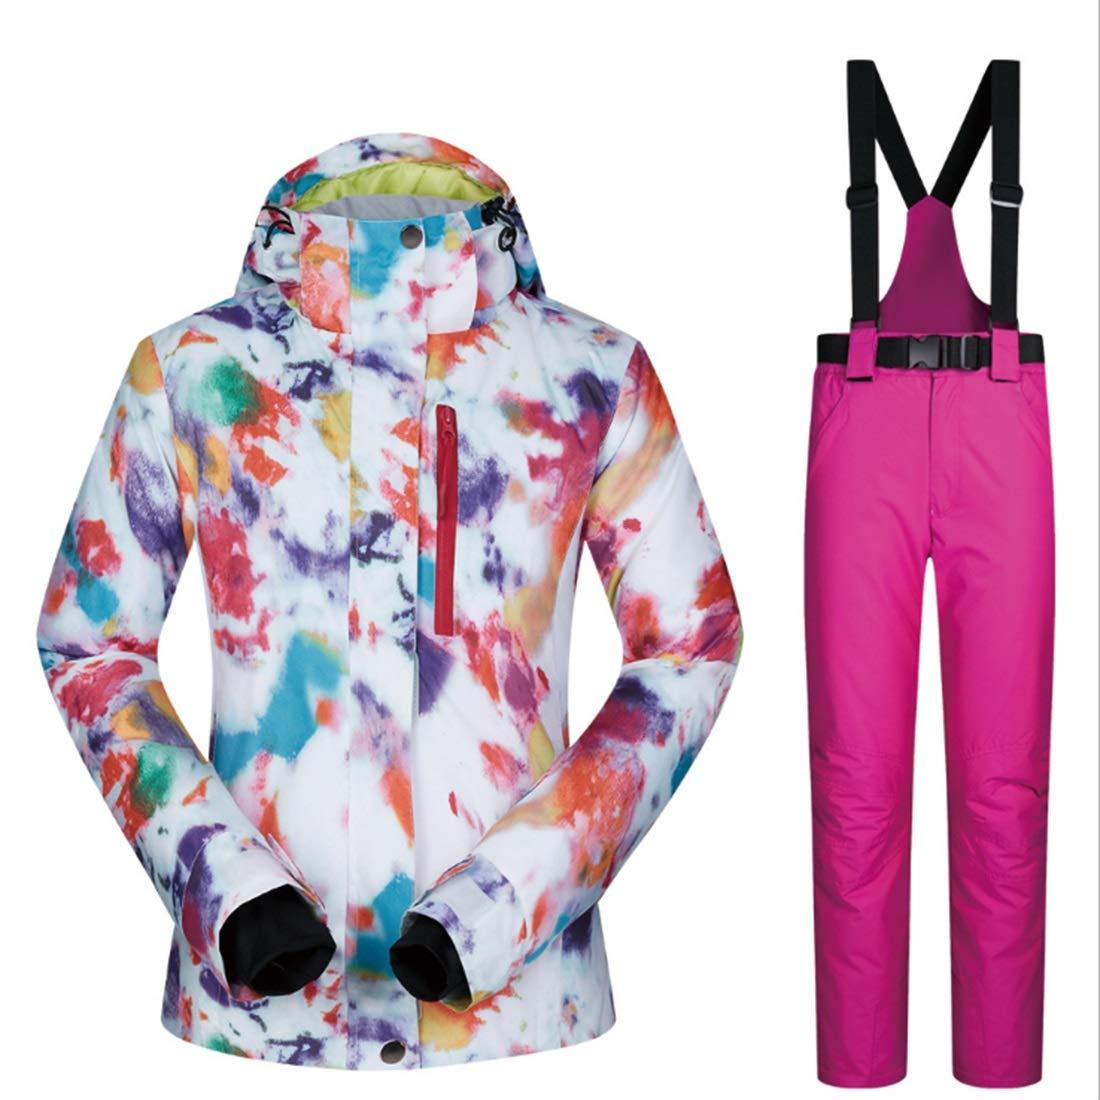 JOYIYUAN Snowsuit da Donna Winter Giacca da Sci e e e Pantaloni Set Antivento e Impermeabile (Coloree   08, Dimensione   L)B07K6BYQKJL 04 | Colori vivaci  | Meraviglioso  | Gioca al meglio | Eccellente valore  | Valore Formidabile  | Nuovi prodotti nel 20 1ca8d5